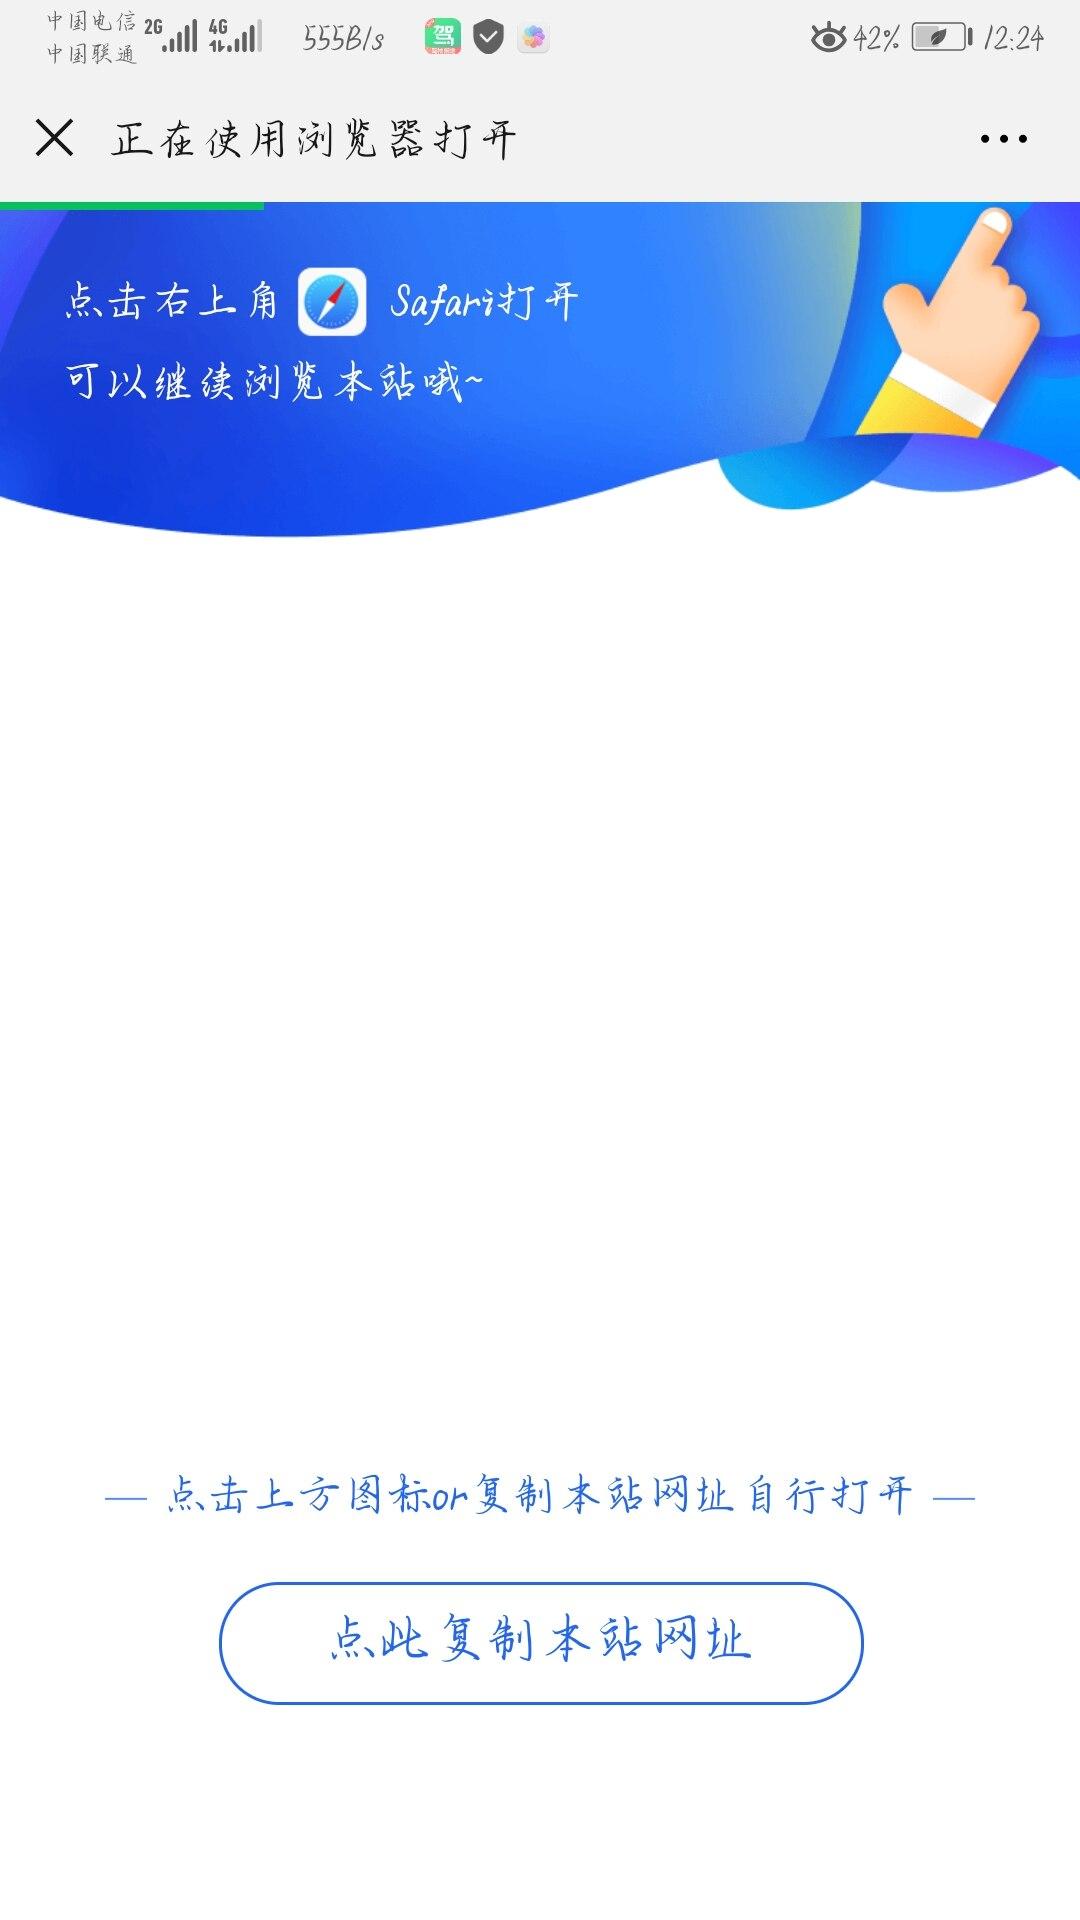 QQ微信防红代码源码免费首发(2020.2.17)最后更新